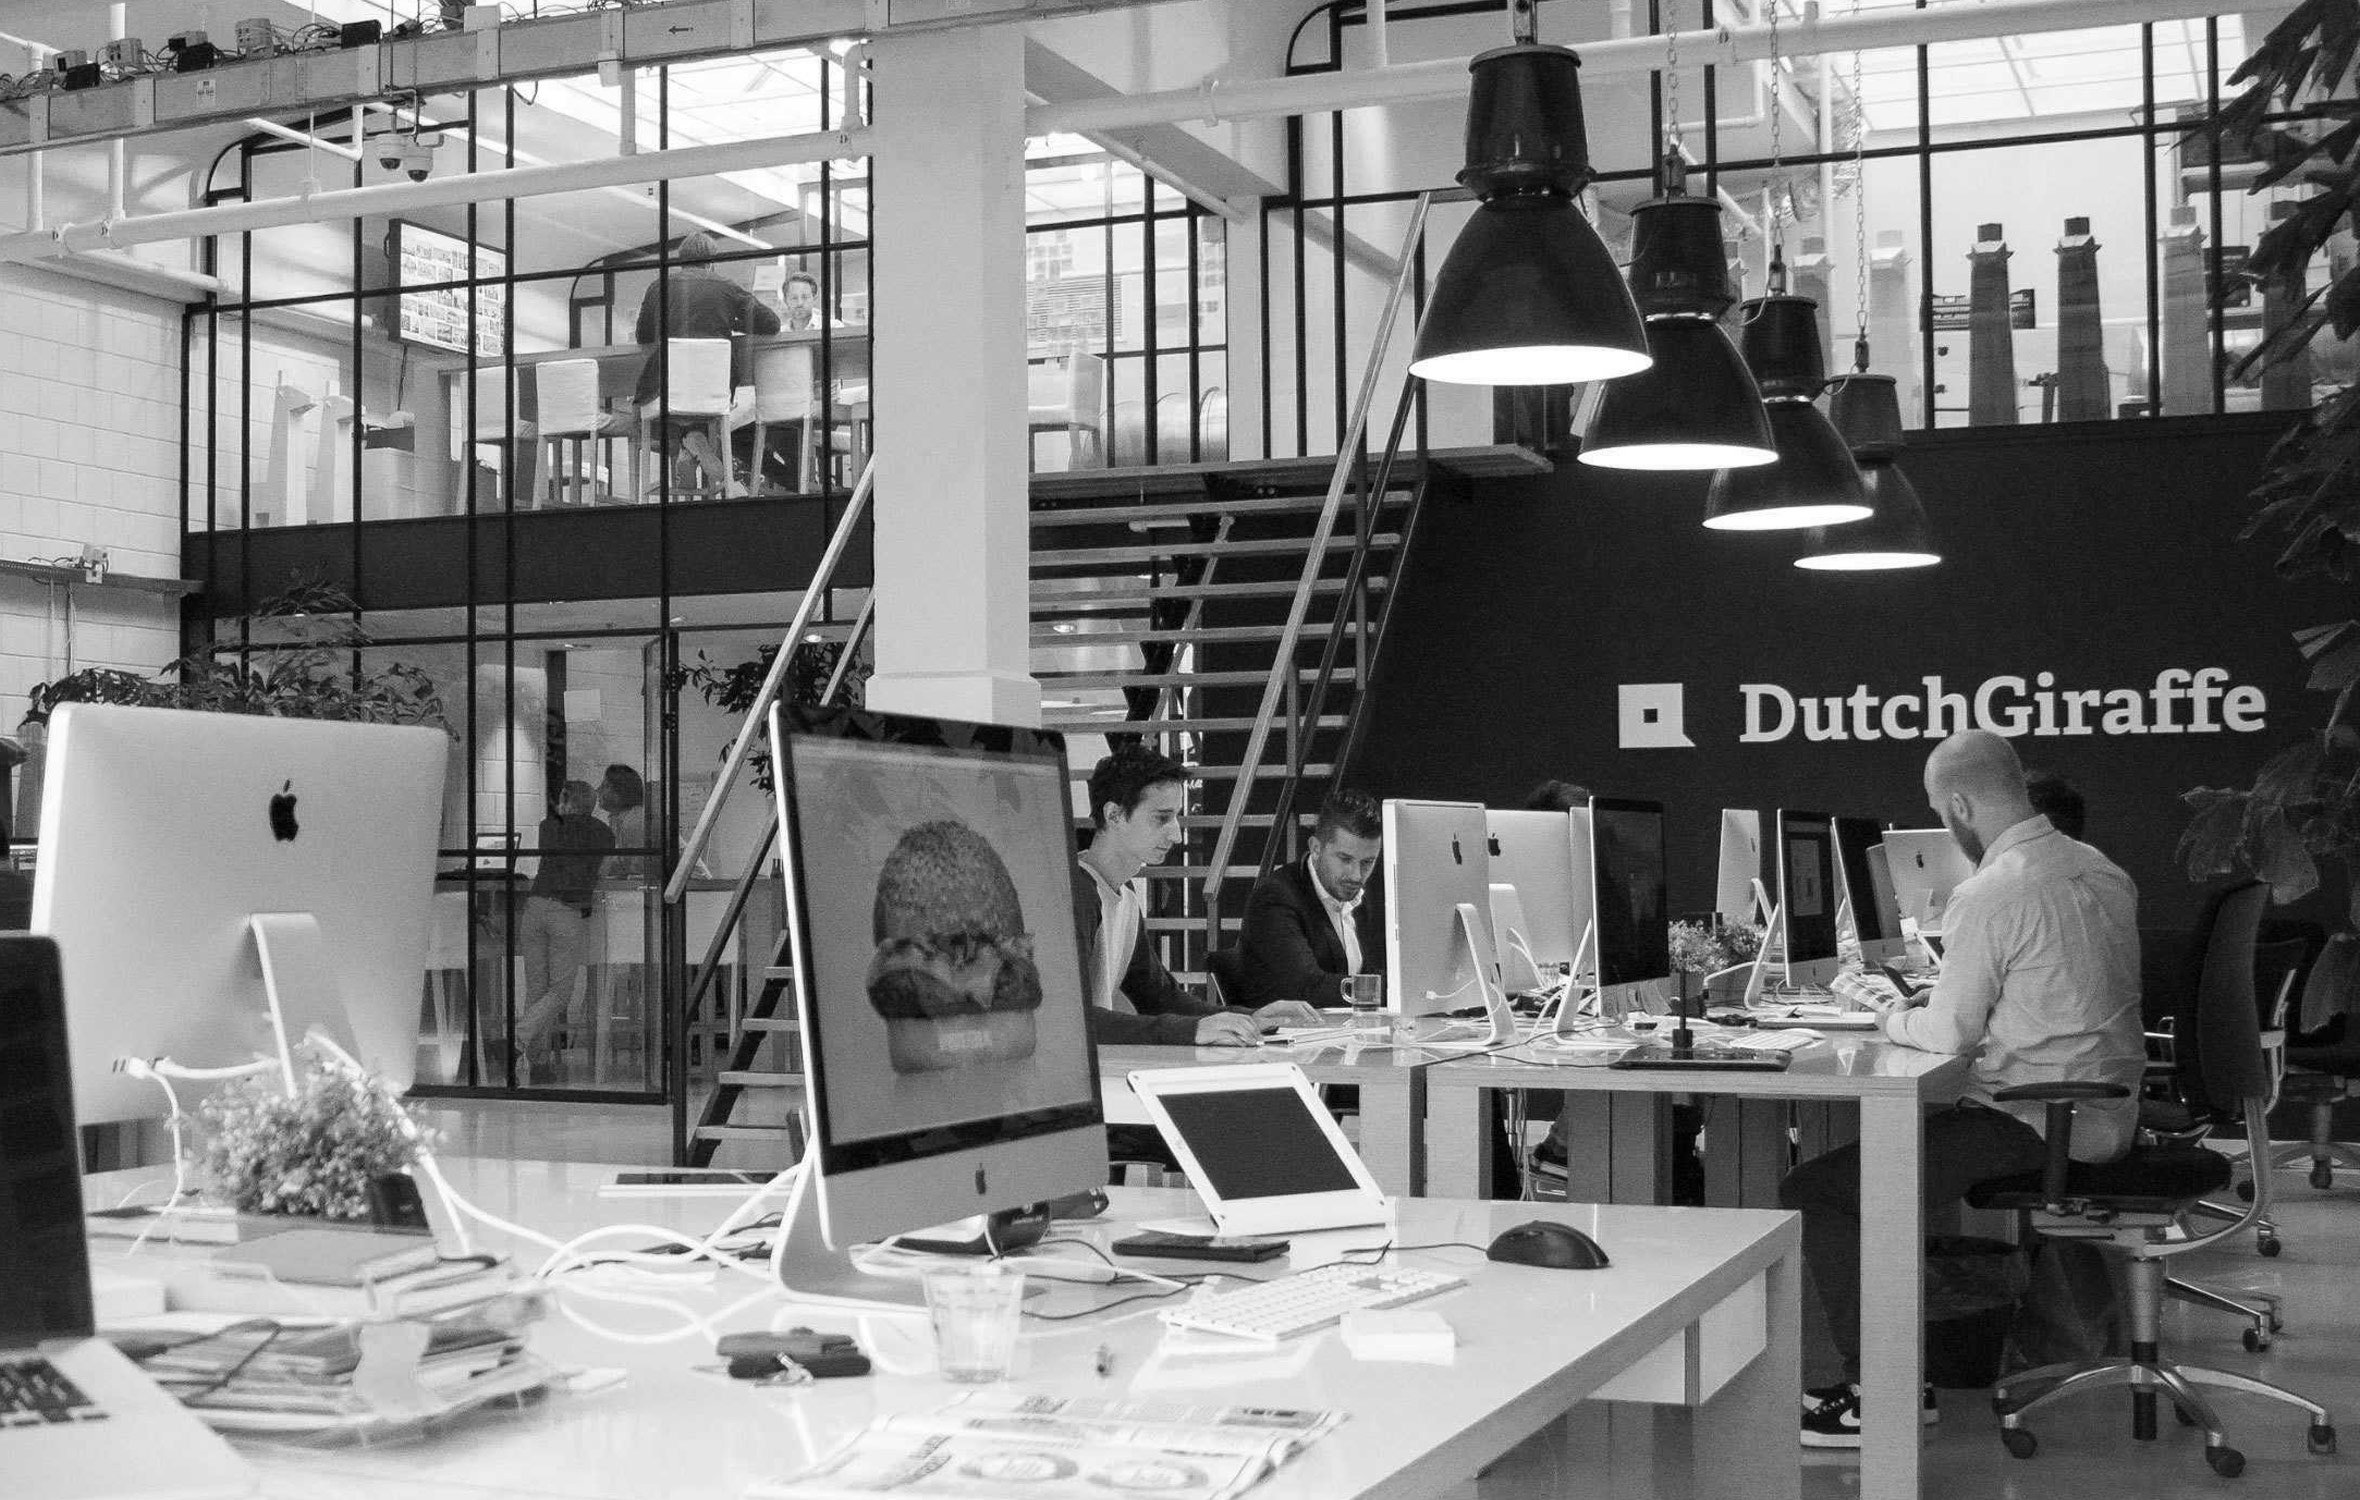 Kantoor zwart wit – Dutchgiraffe | Digital Creatives